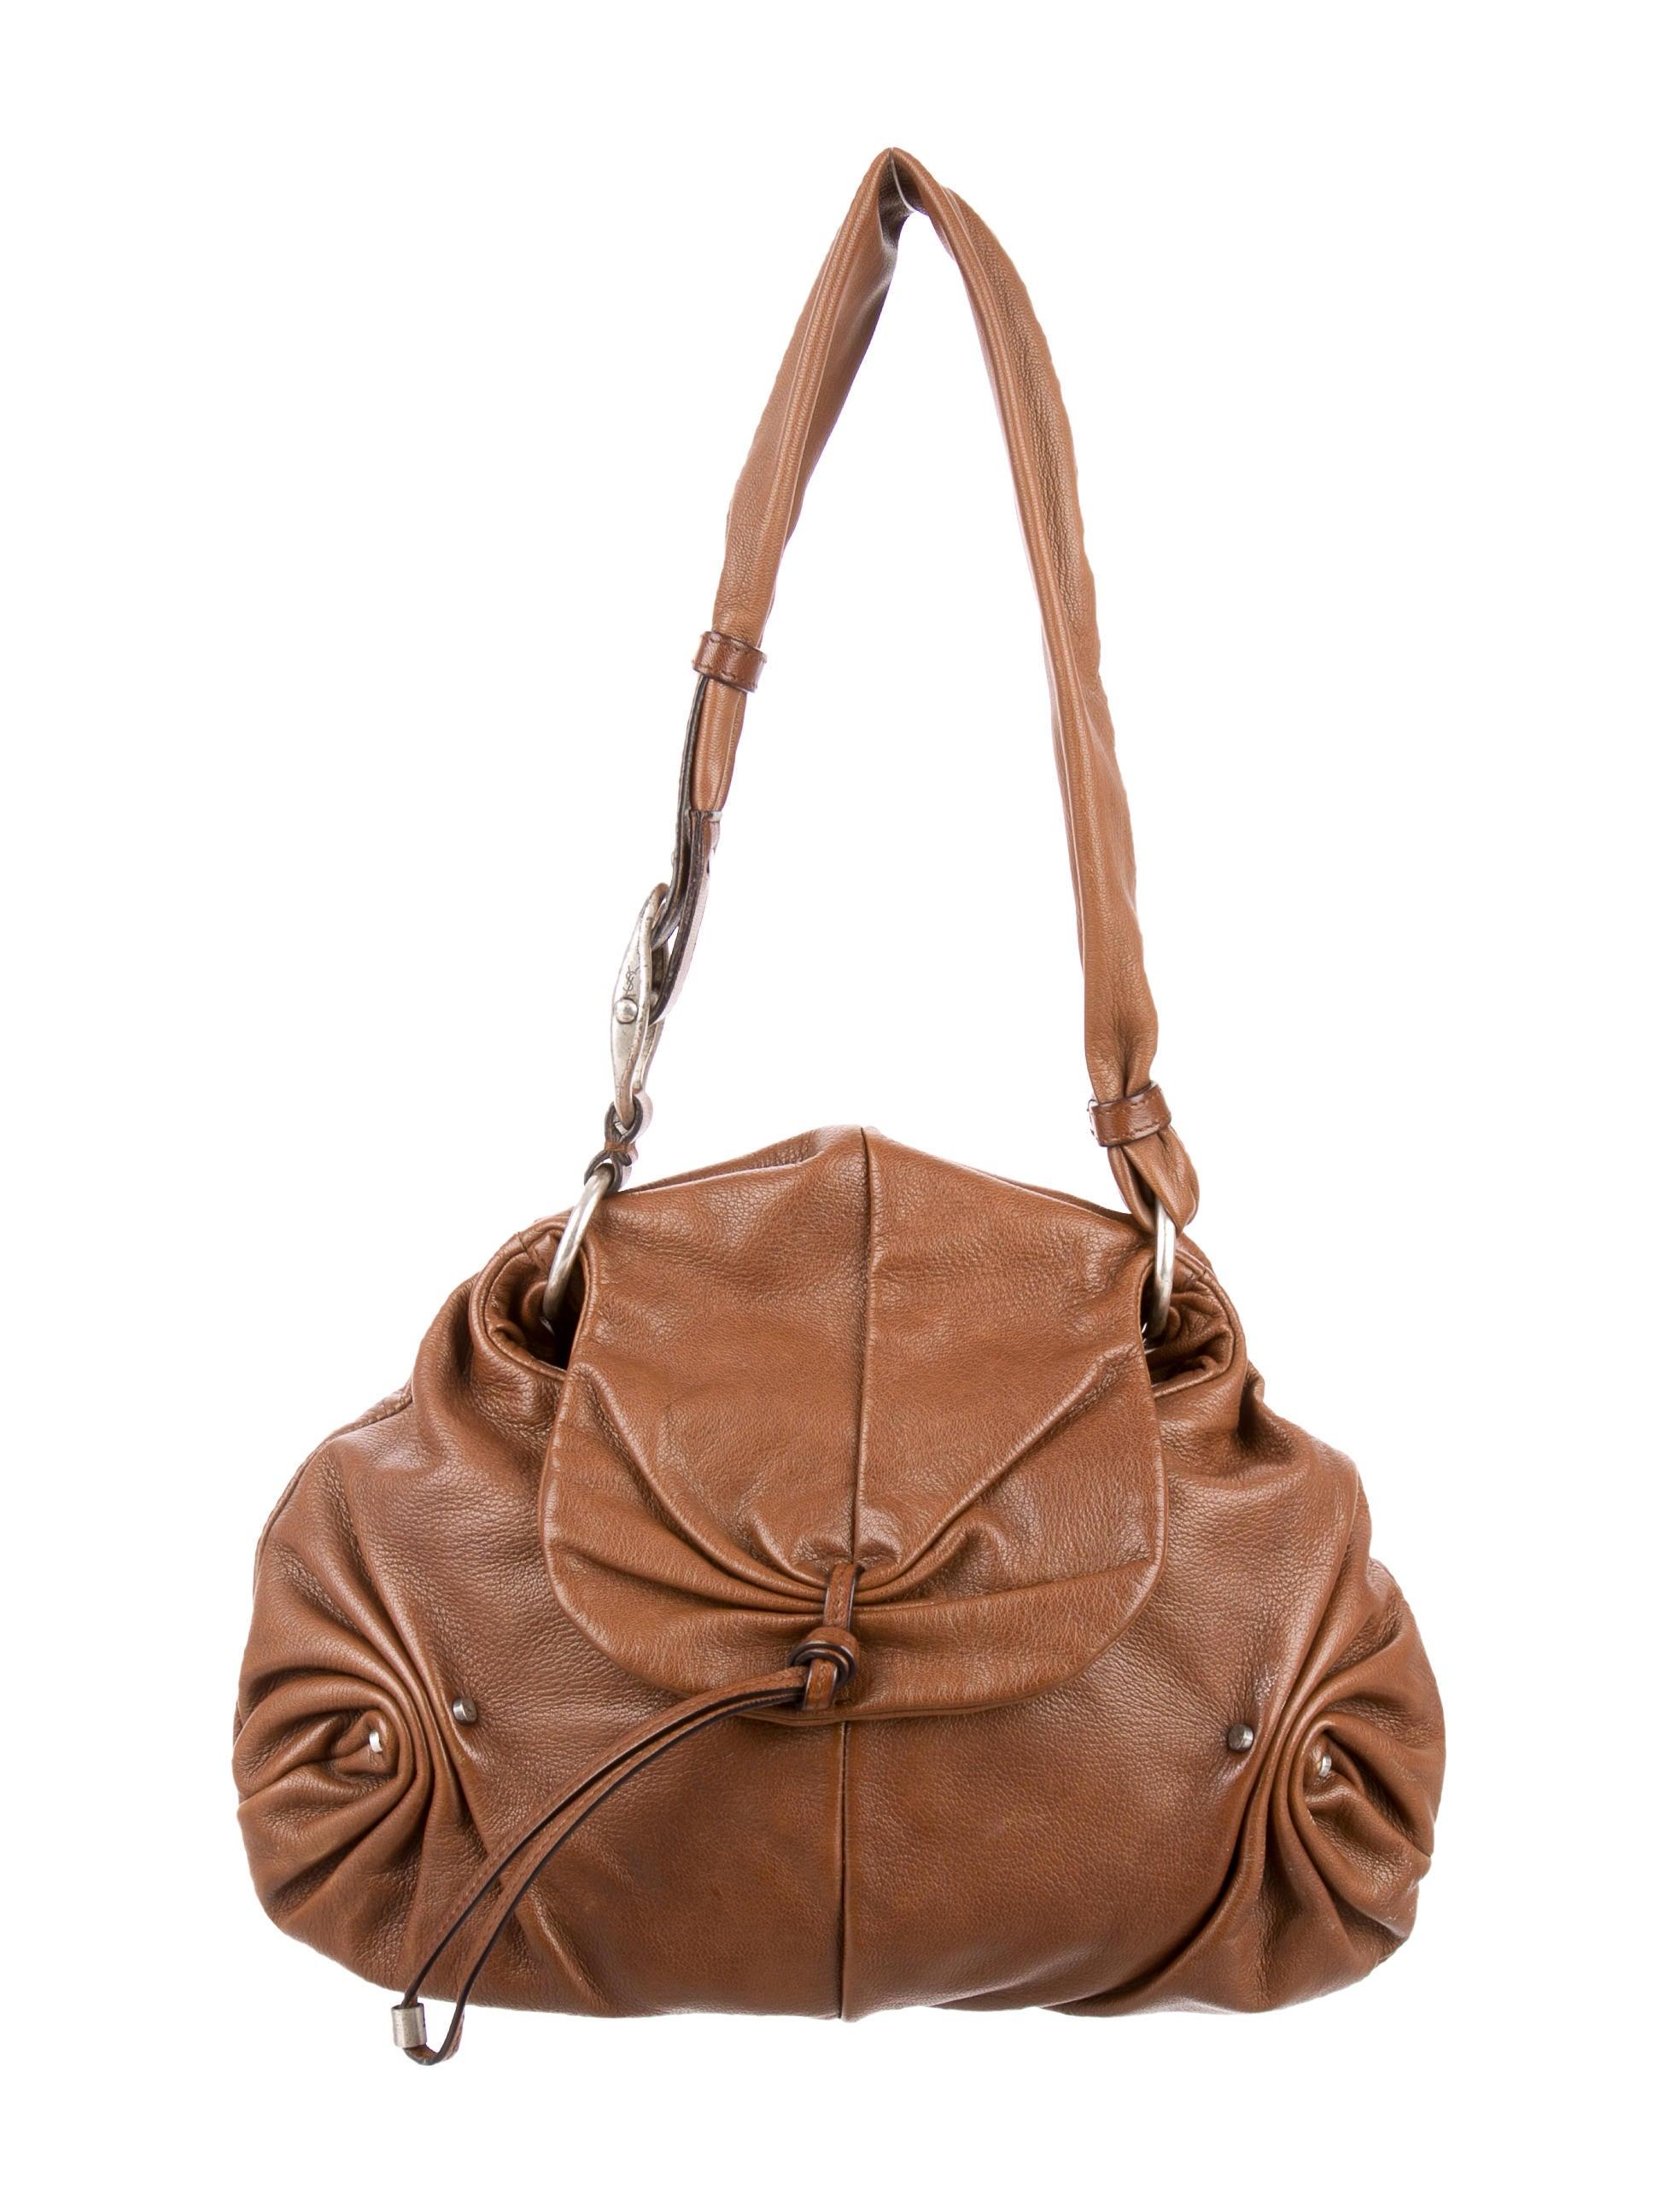 Yves Saint Laurent Ruched Leather Shoulder Bag - Handbags ...